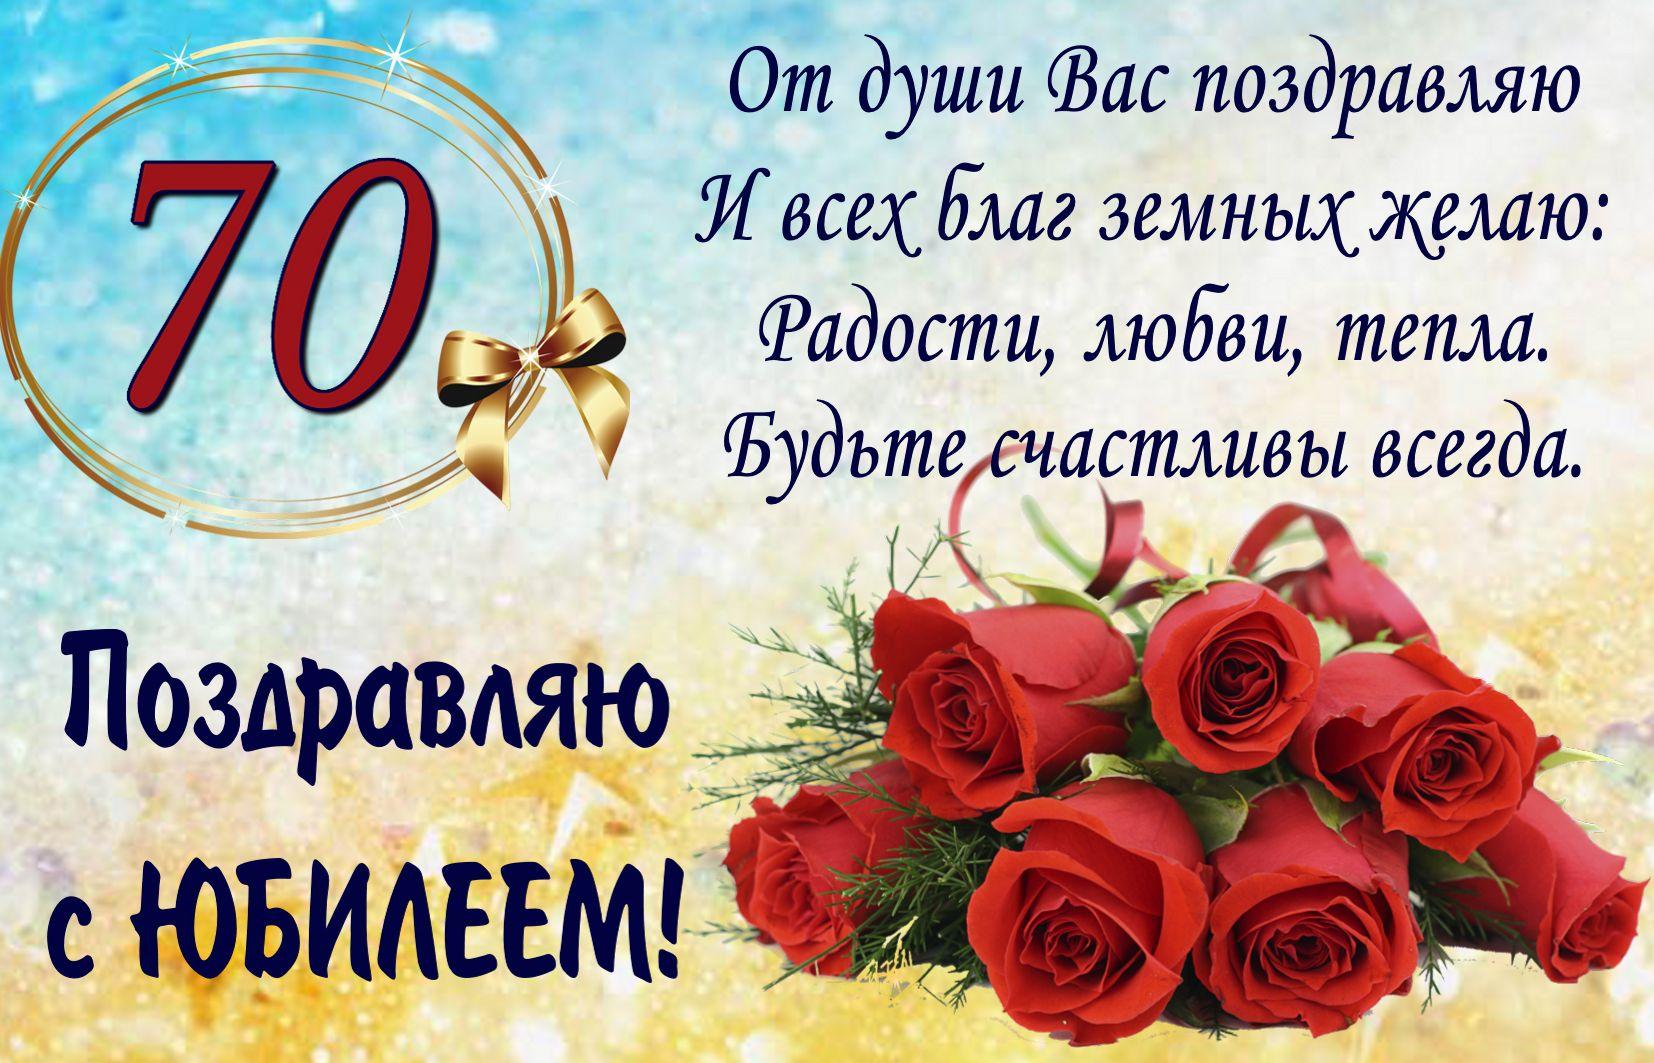 Открытка на юбилей 70 лет с розами и пожеланием